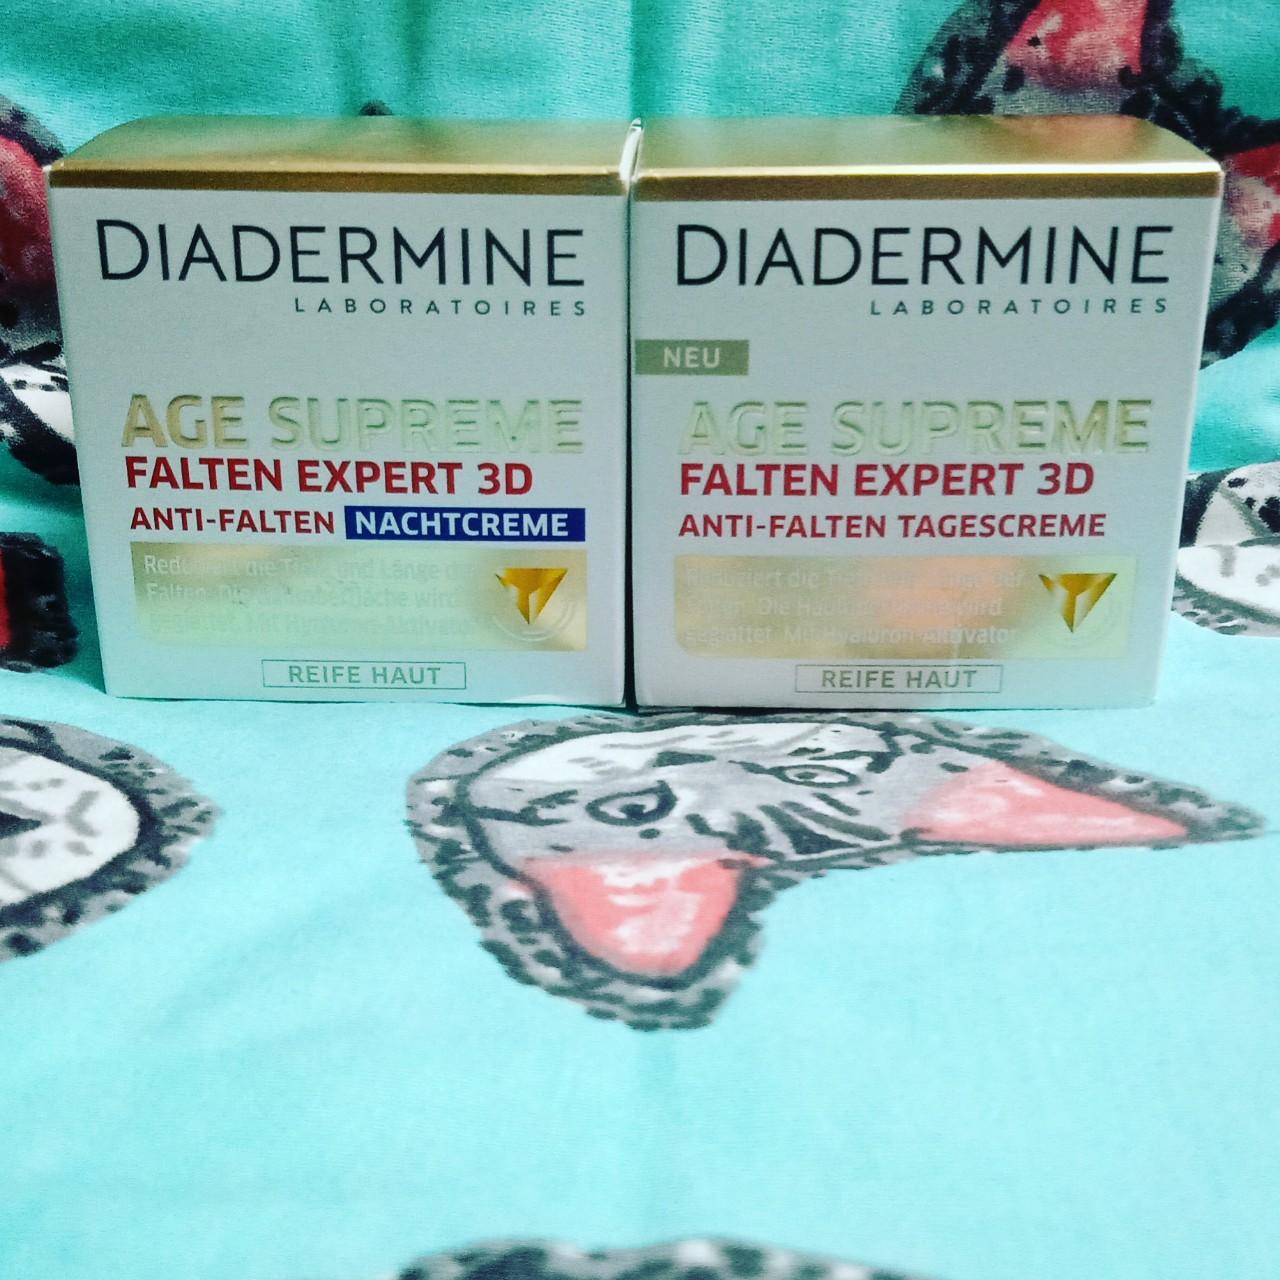 Kem dưỡng da giảm nếp nhăn Diadermine 3D